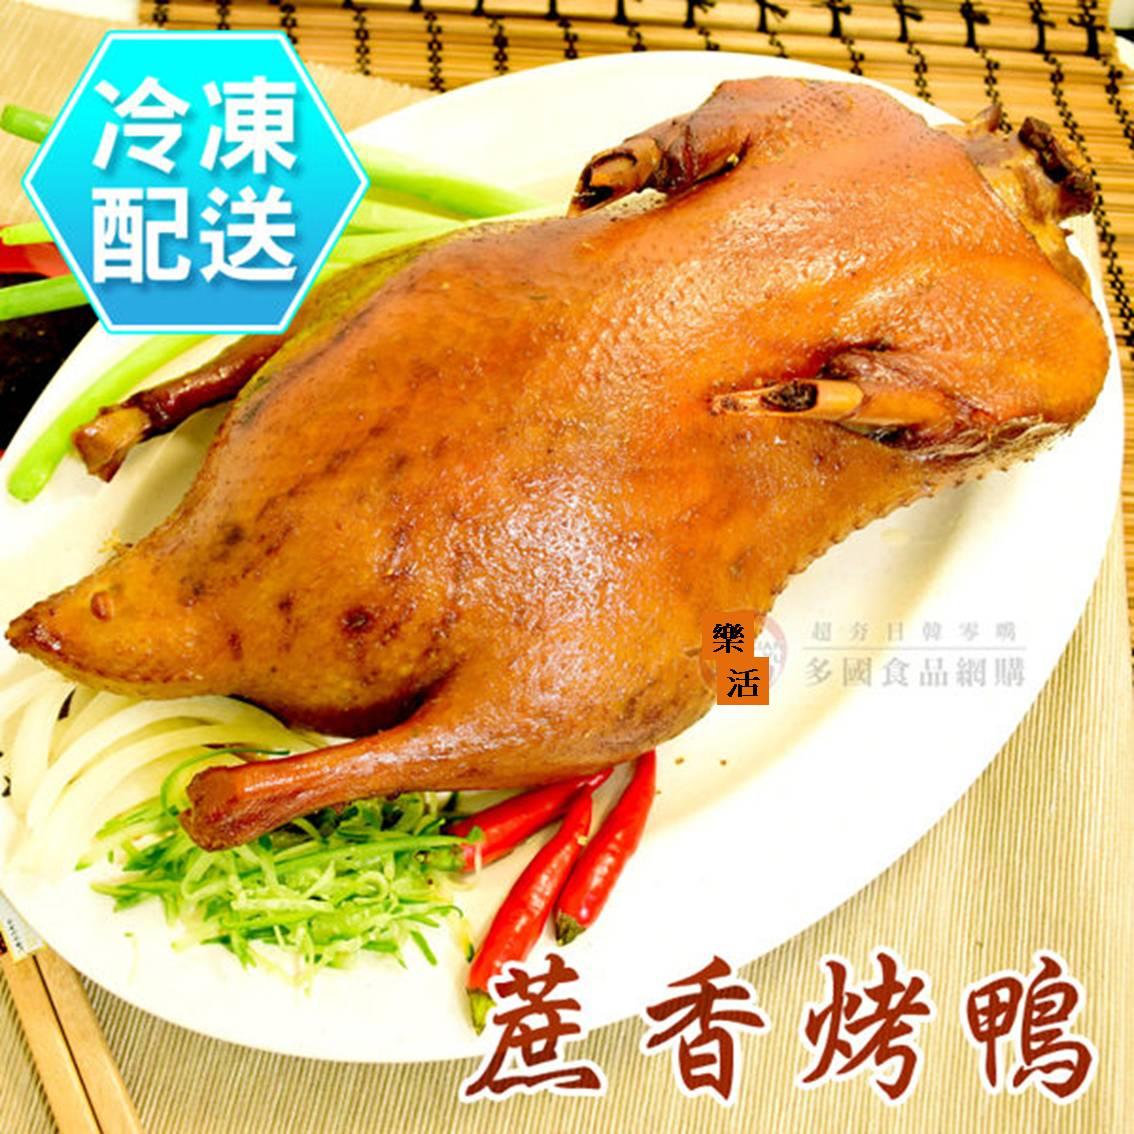 樂活 館  蔗香烤鴨 ^(太空鴨無頭腳^)1300g 冷凍配送  蔗雞王